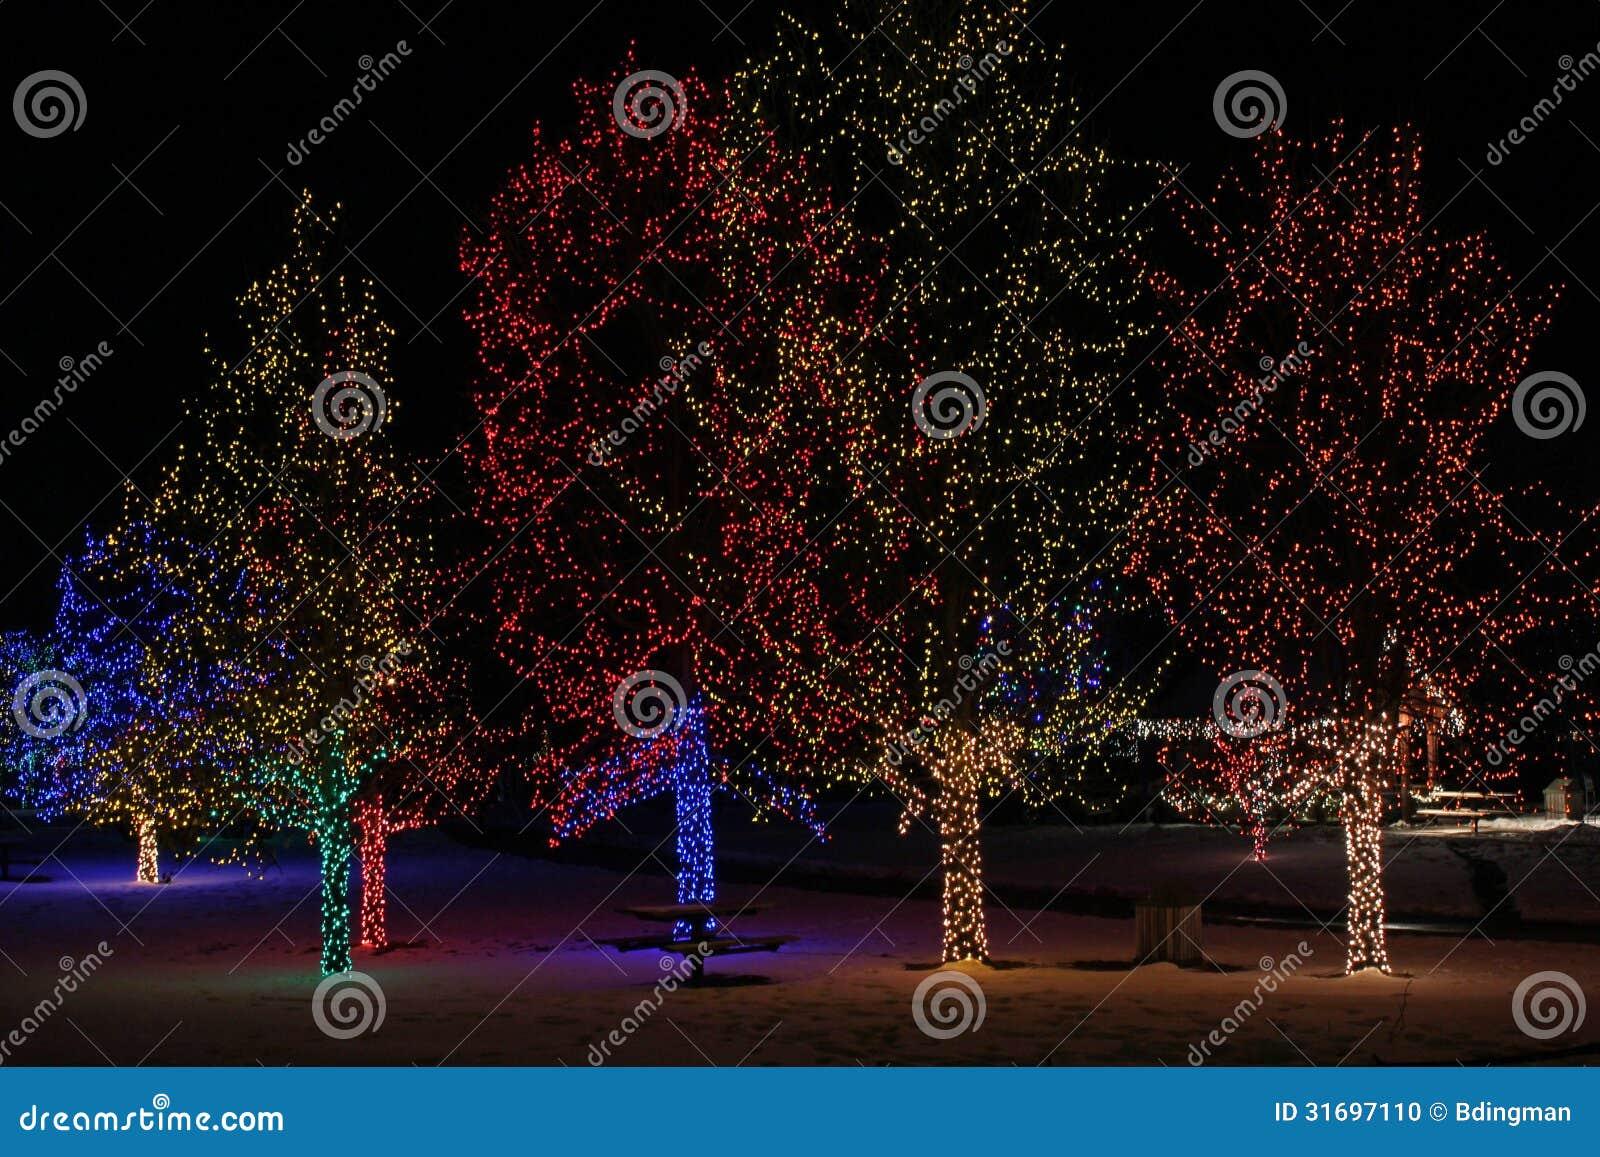 Christmas Lights Stock Photo Image 31697110